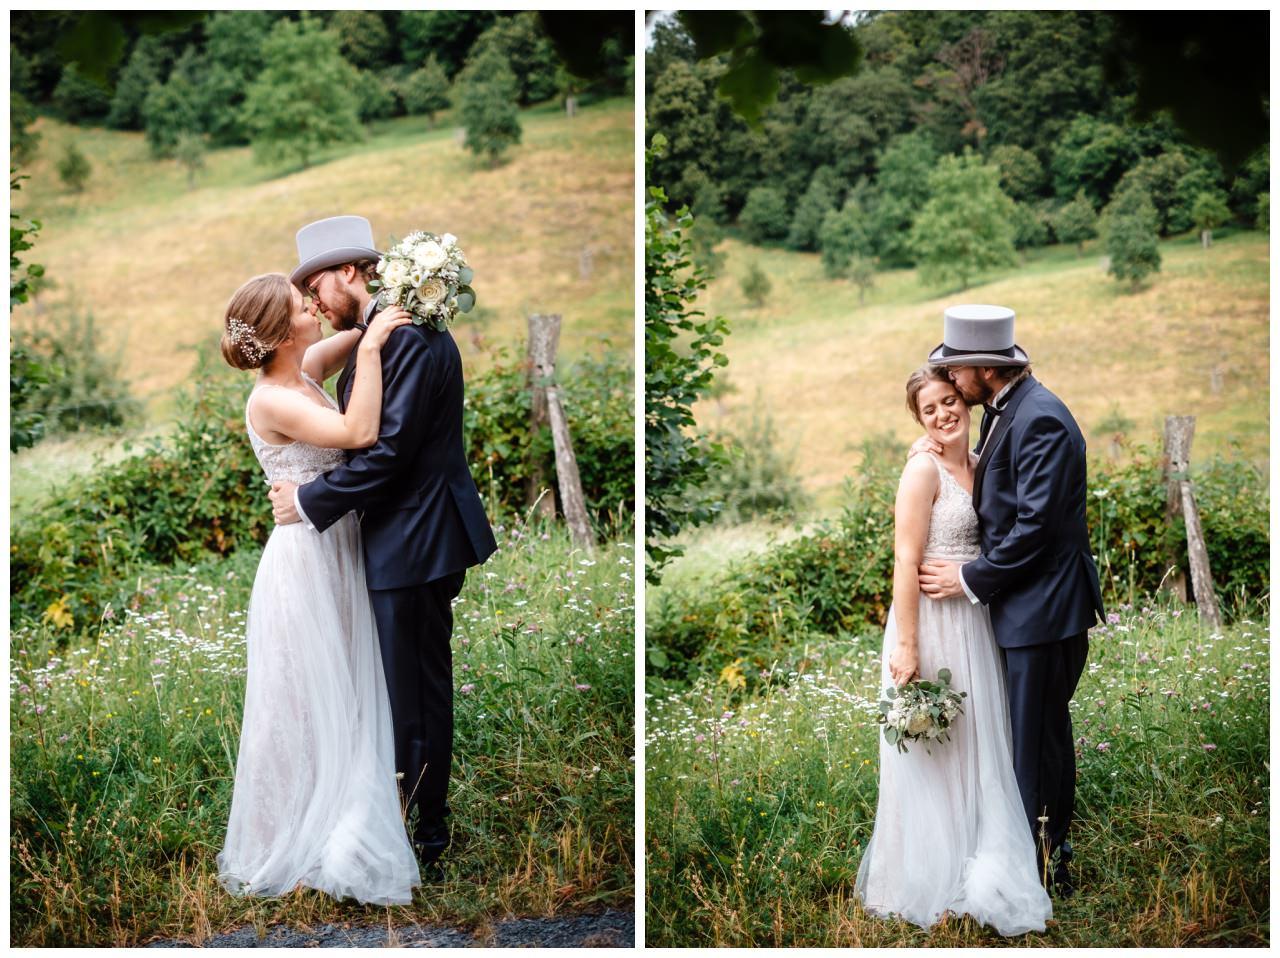 hochzeit koenigswinter drachenfels drachenburg heiraten hochzeitsfotograf leverkusen 48 - Hochzeit auf dem Drachenfels in Königswinter